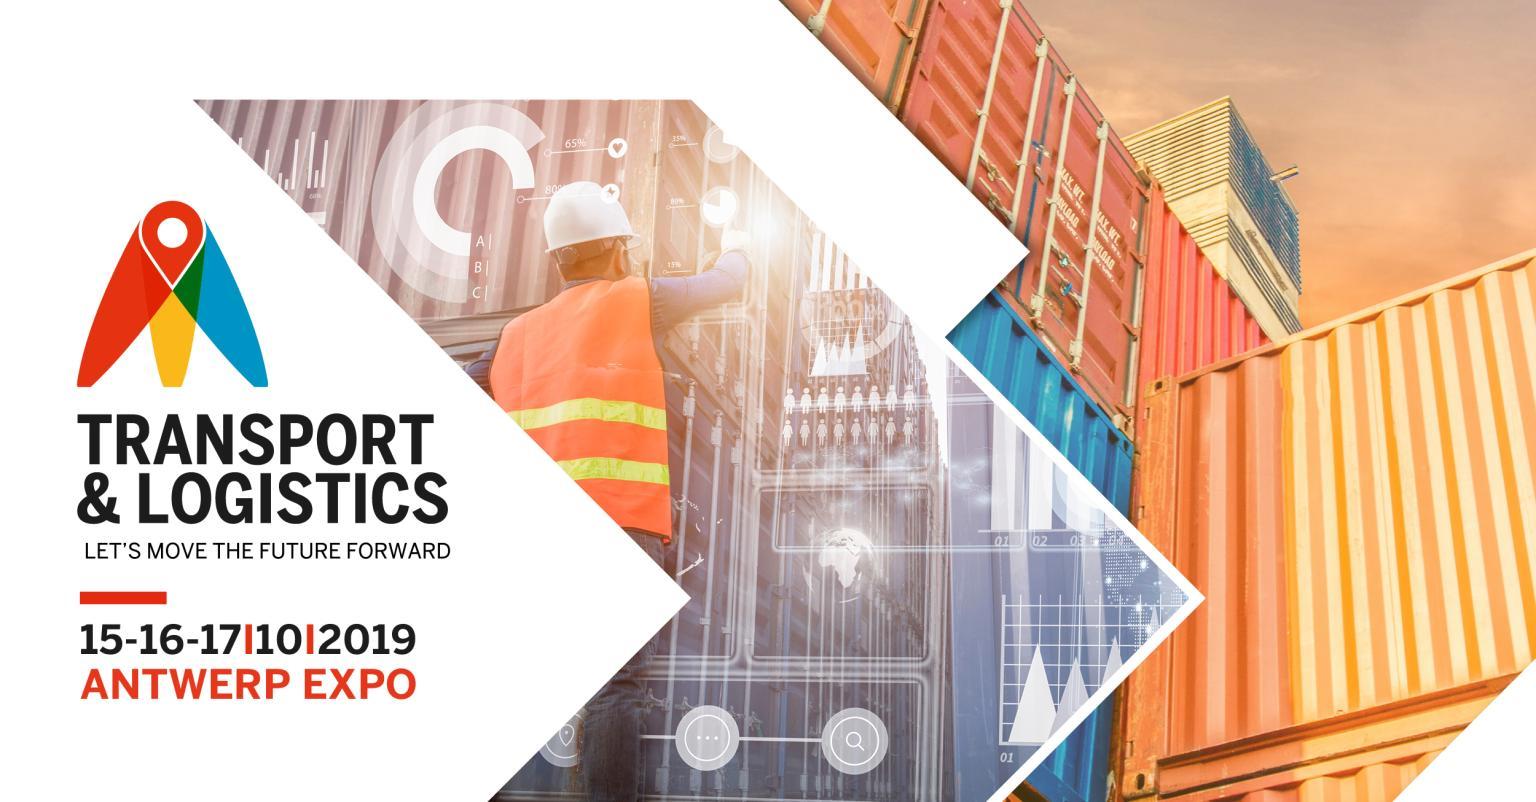 Mecalux neemt deel aan de vakbeurs Transport & Logistics 2019 in Antwerpen